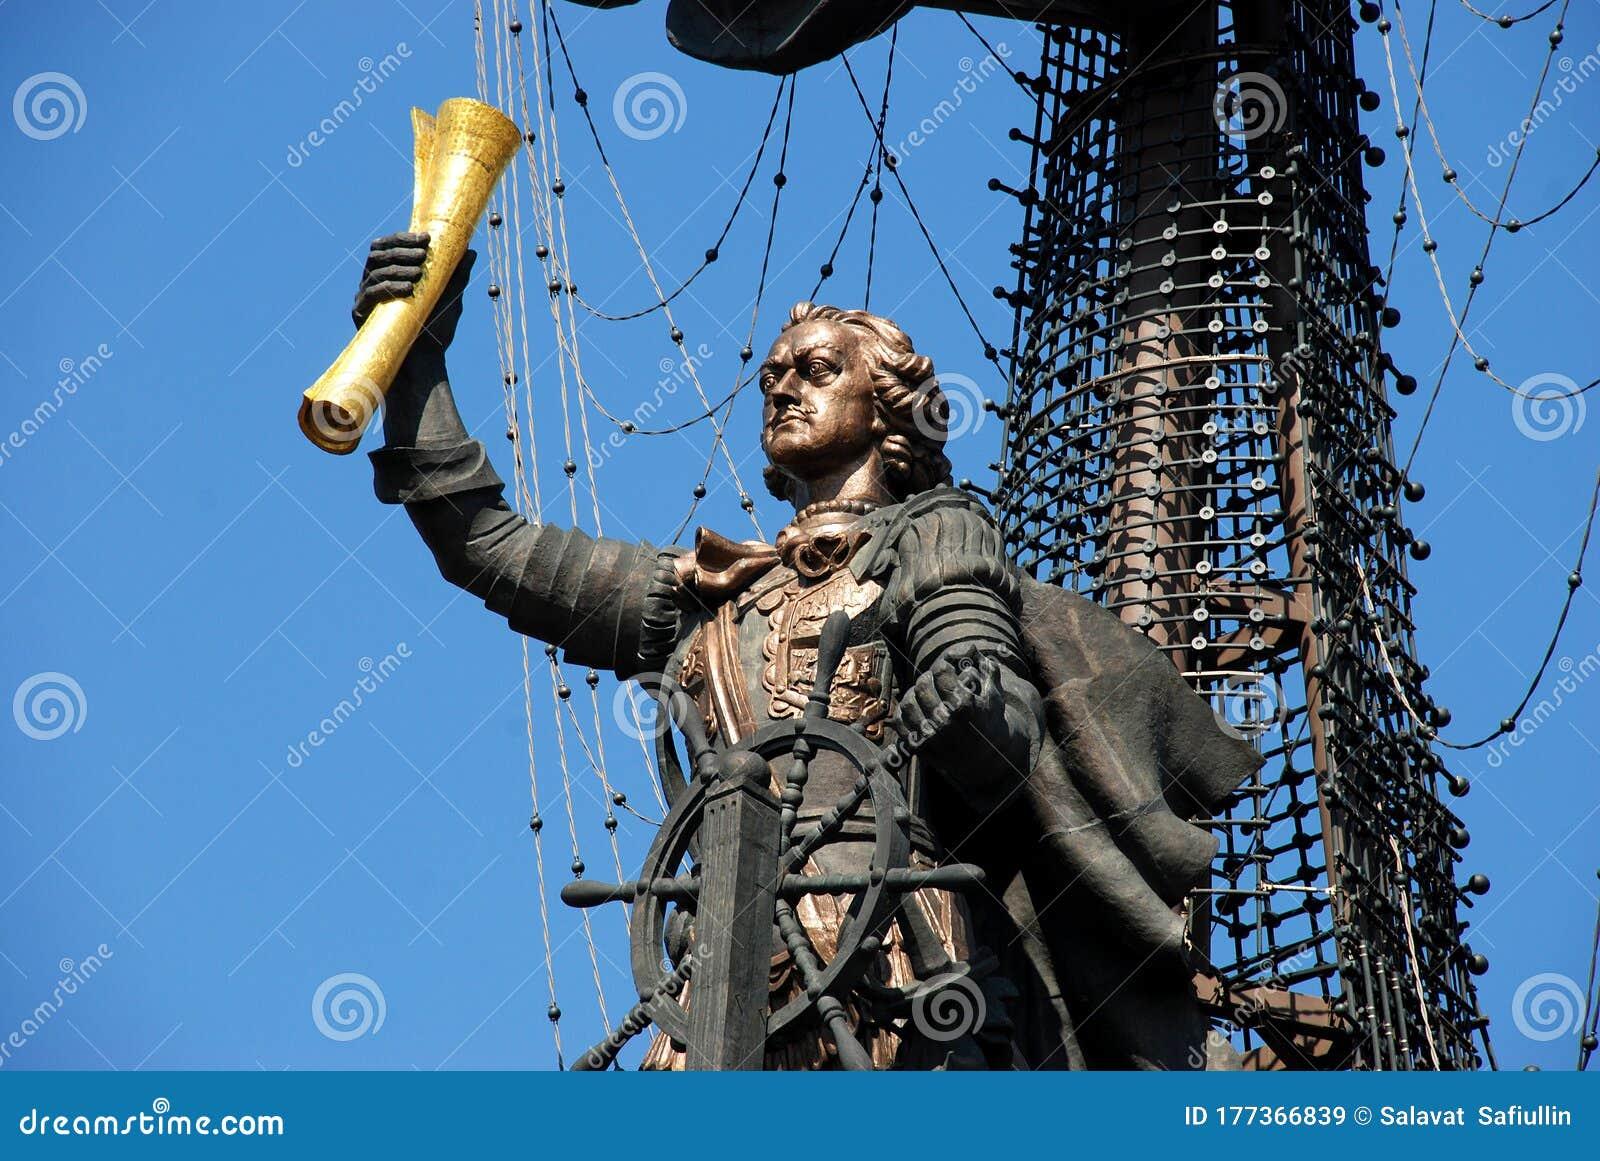 monumento a pedro el grande en moscu editorial stock image image of grande moscaƒae 177366839